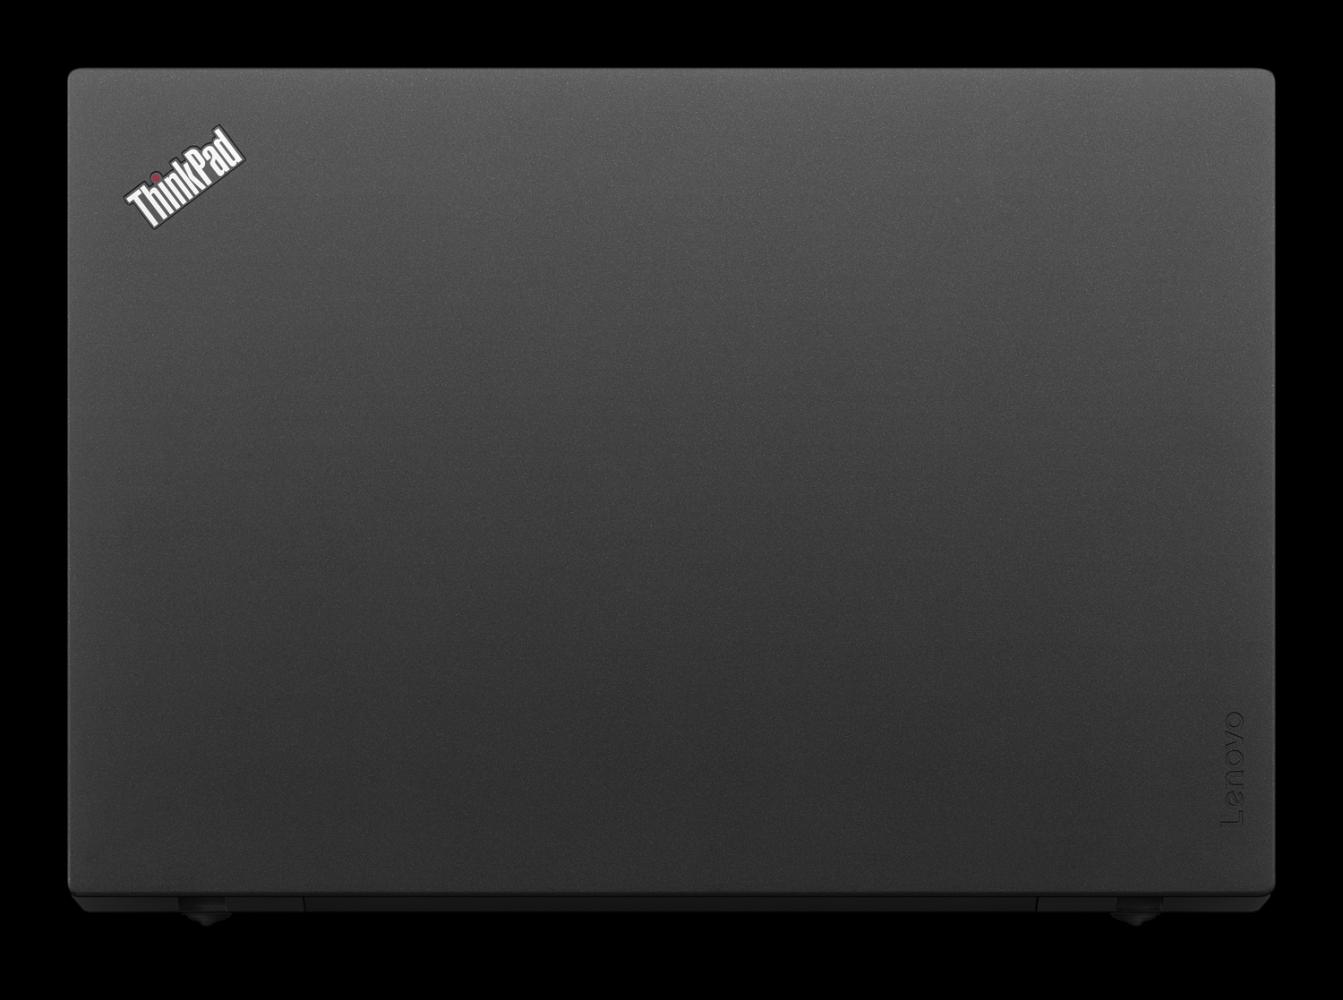 Ноутбук LENOVO ThinkPad T460 (20FNS01800) - 4